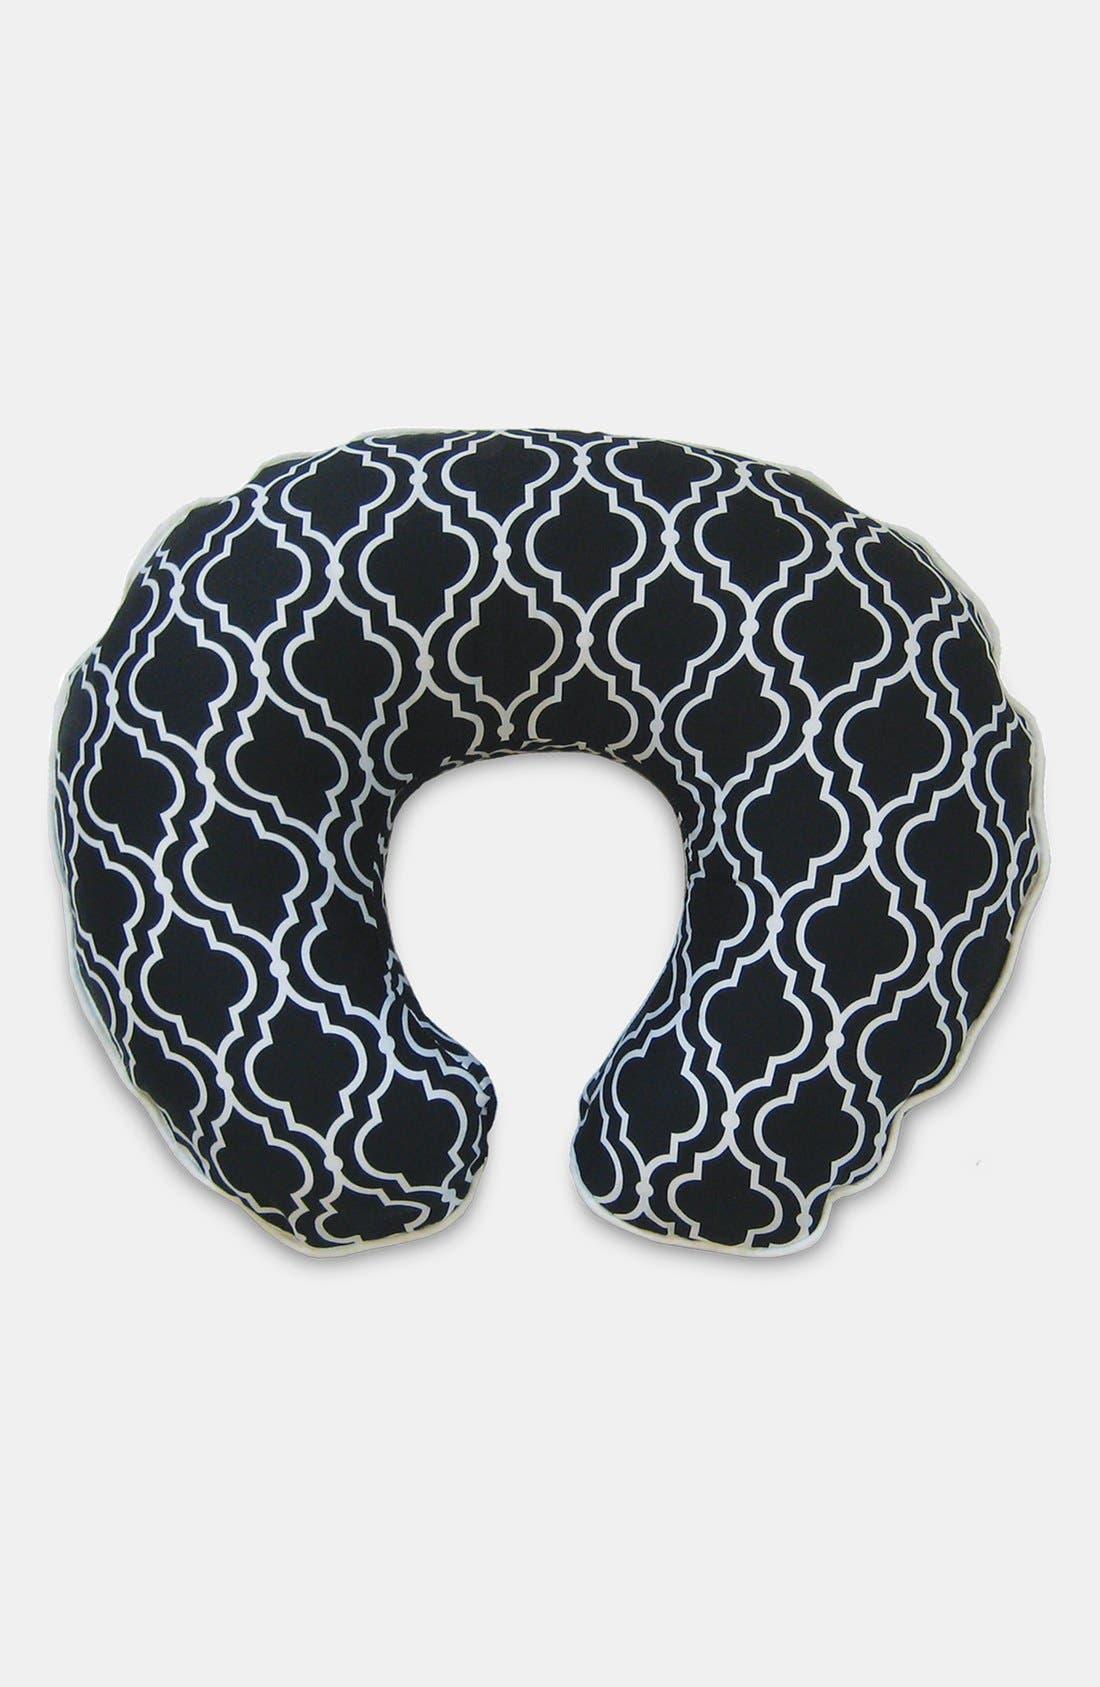 Alternate Image 2  - Boppy 'Seville' Pillow & Slipcover